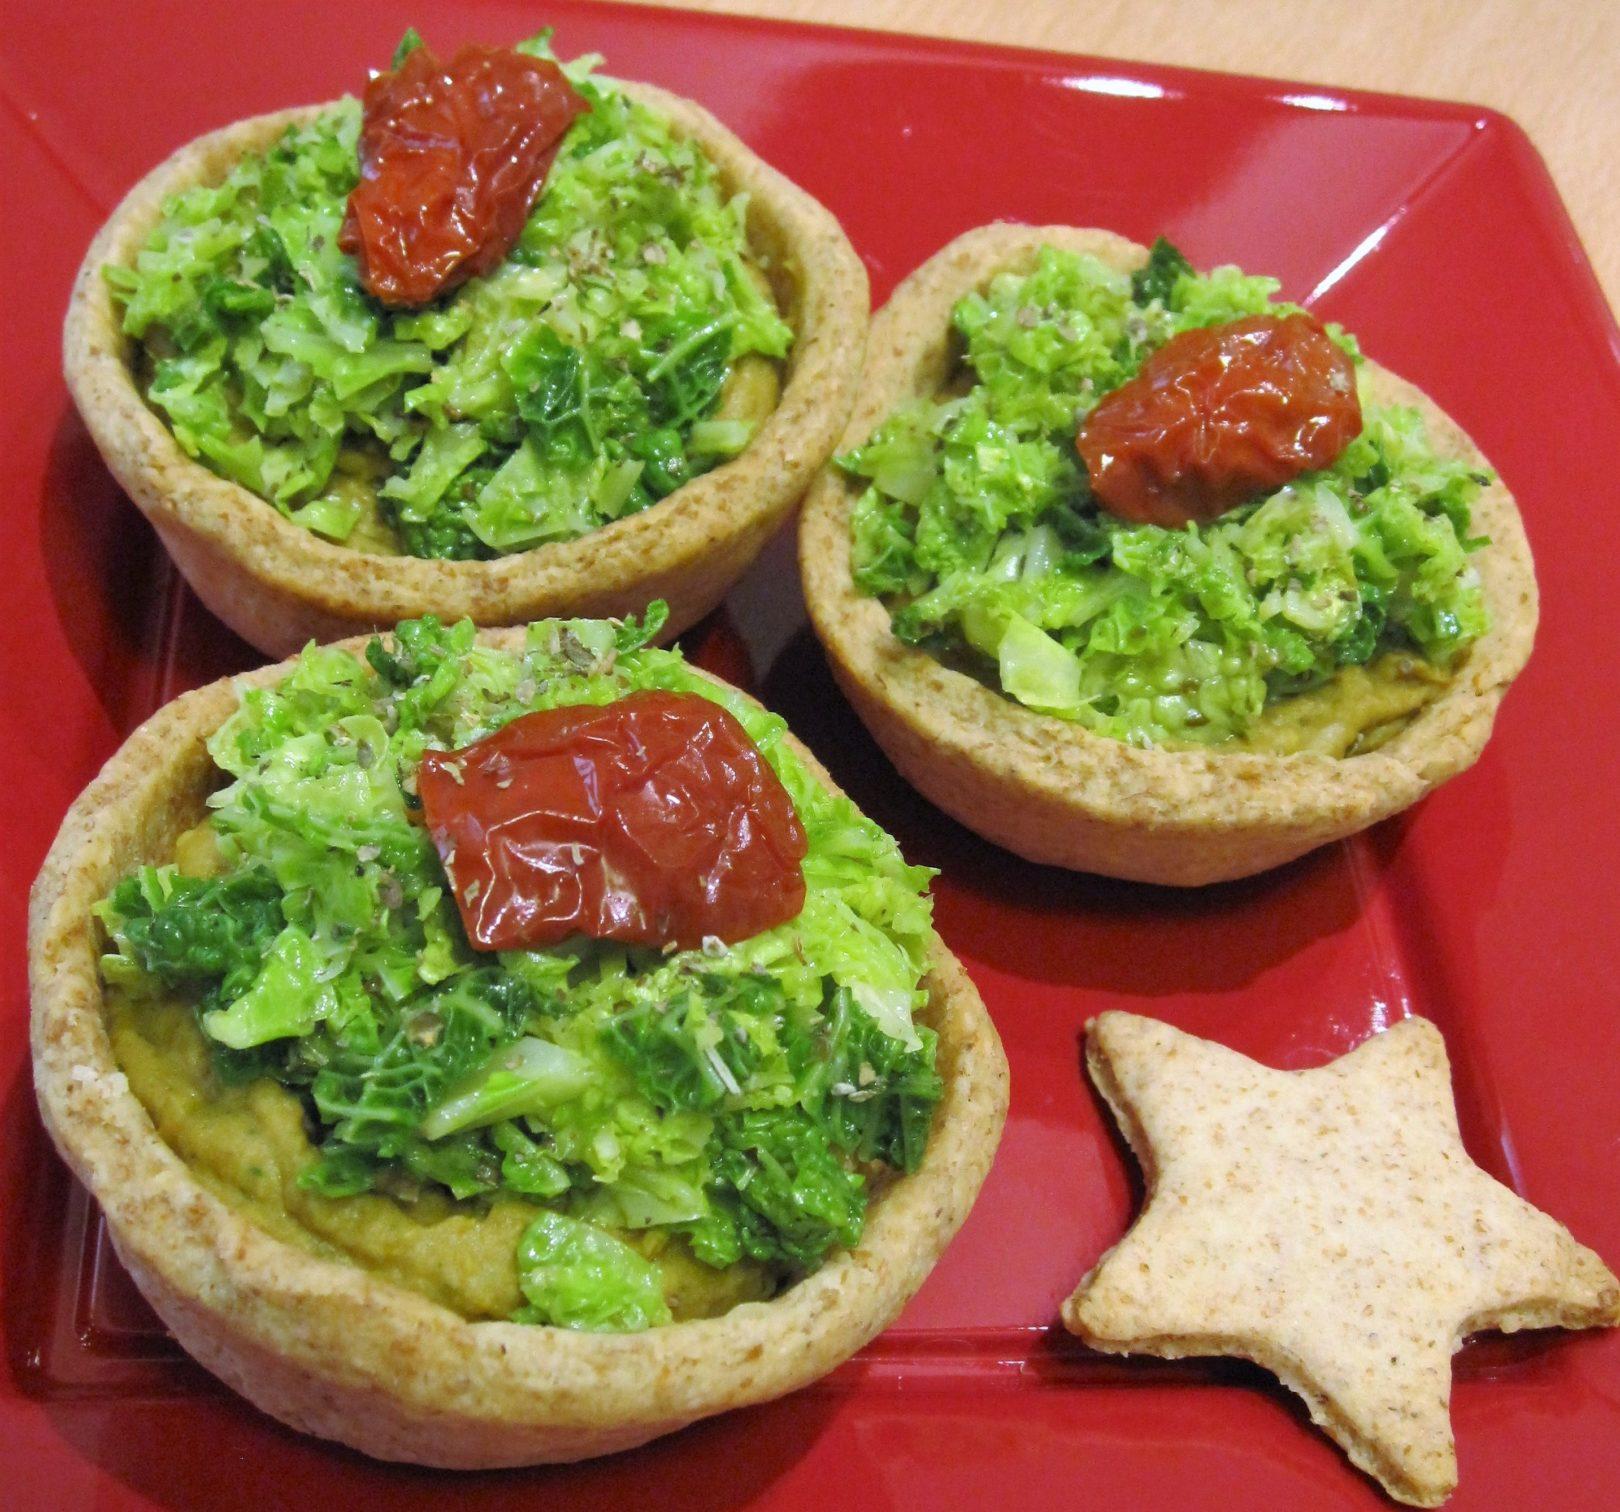 Cestini di pasta brisé con paté di lenticchie alla curcuma, verza e pomodorini secchi